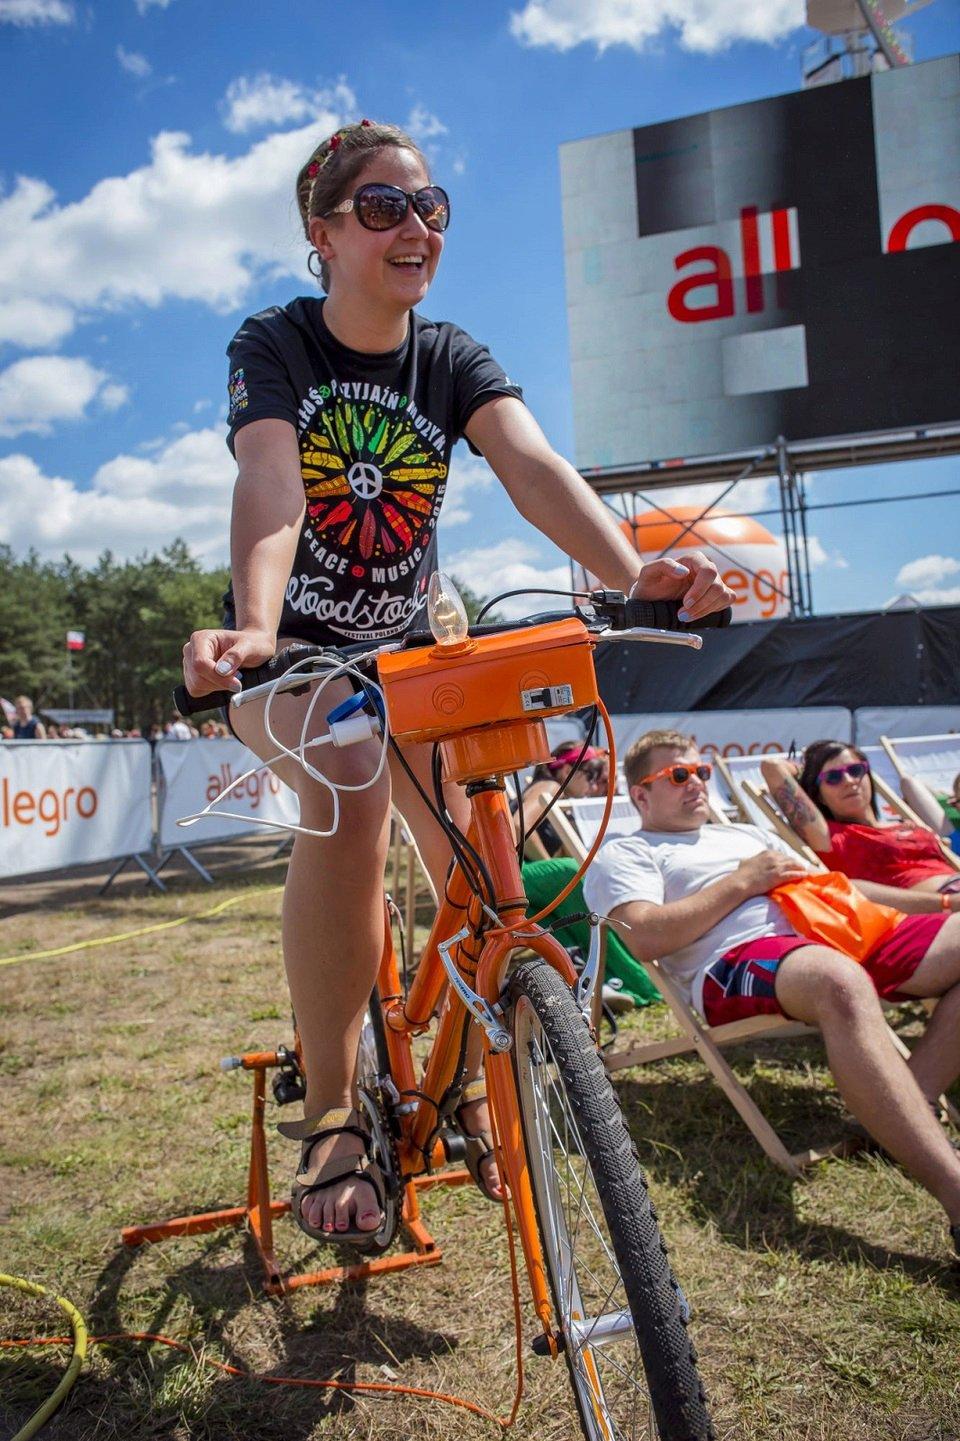 Pierwszy wyścig kolarski Tour de Woodstock w Kostrzynie nad Odrą_4.jpg